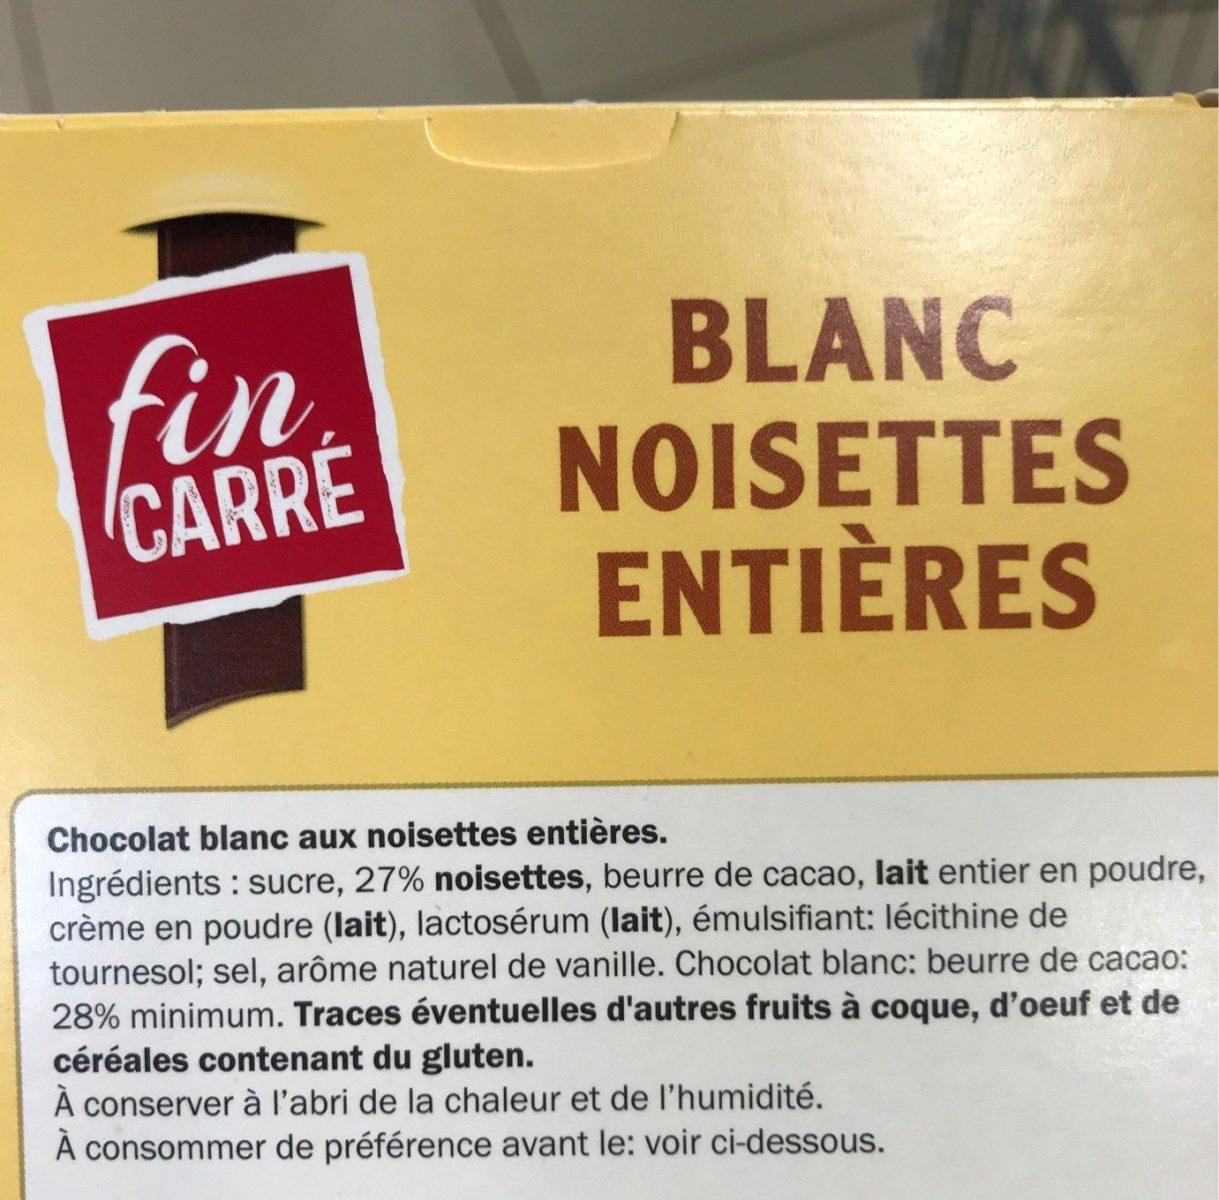 Blanc noisette entières - Ingrédients - fr